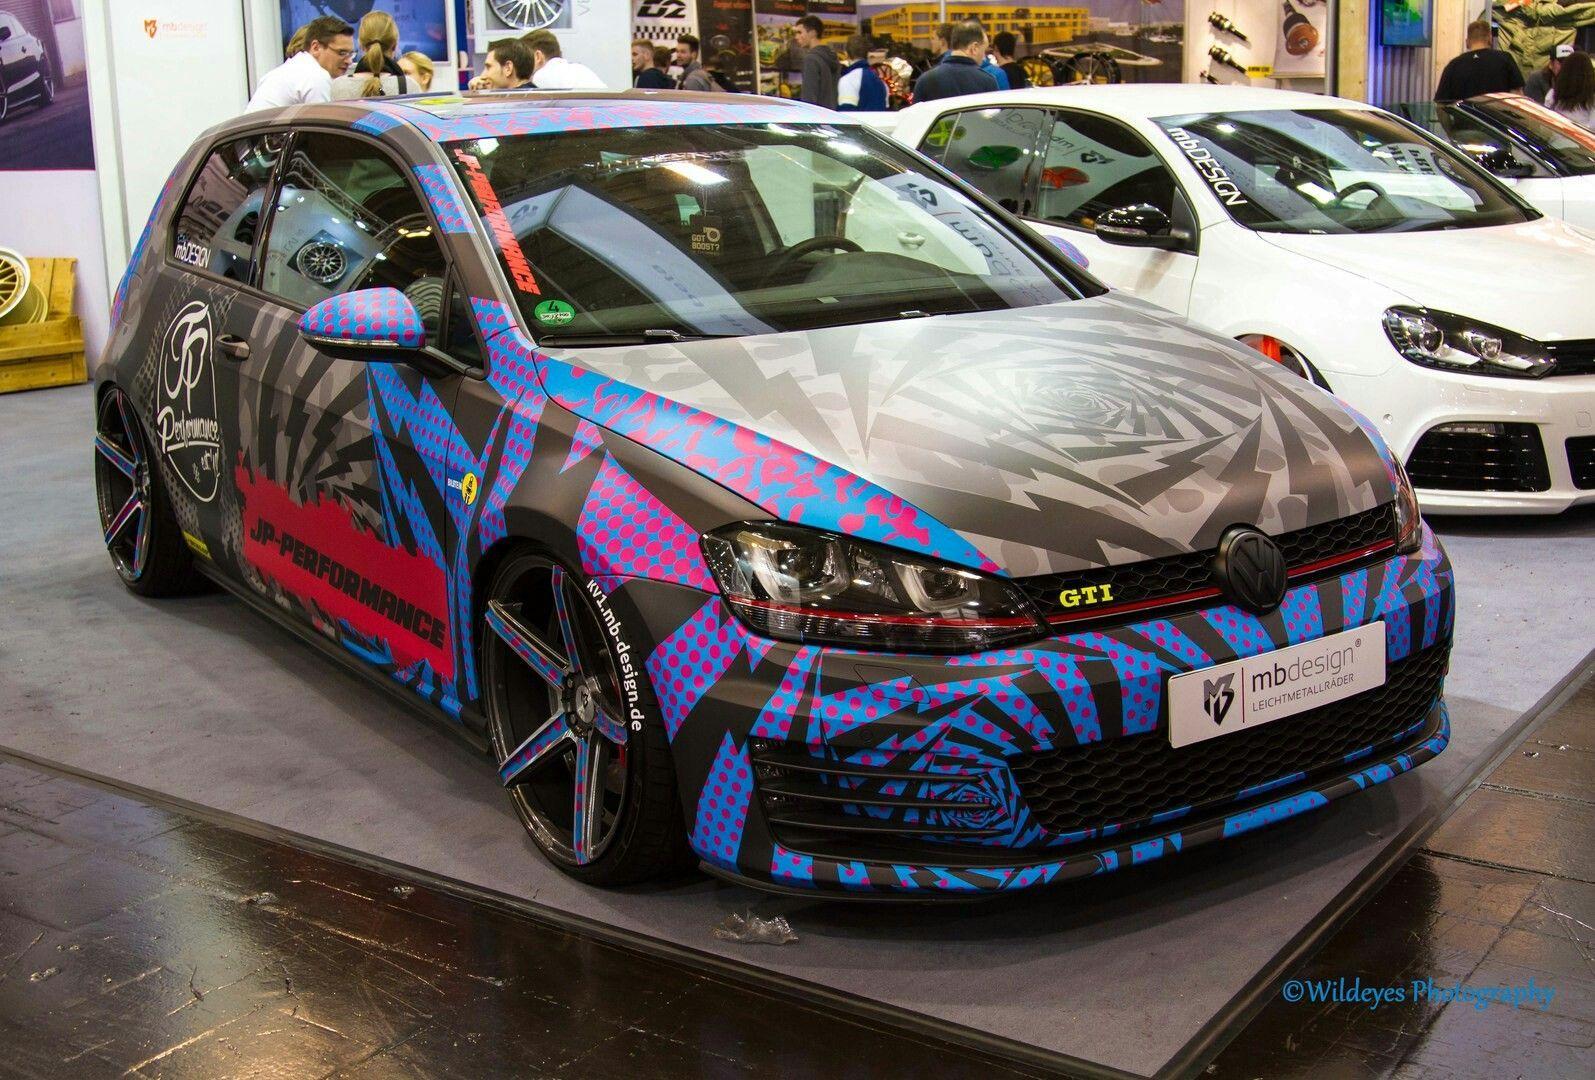 Vw Golf Mk7 Gti Vwgolfmk4 Volkswagen Polo Volkswagen Volkswagen Golf